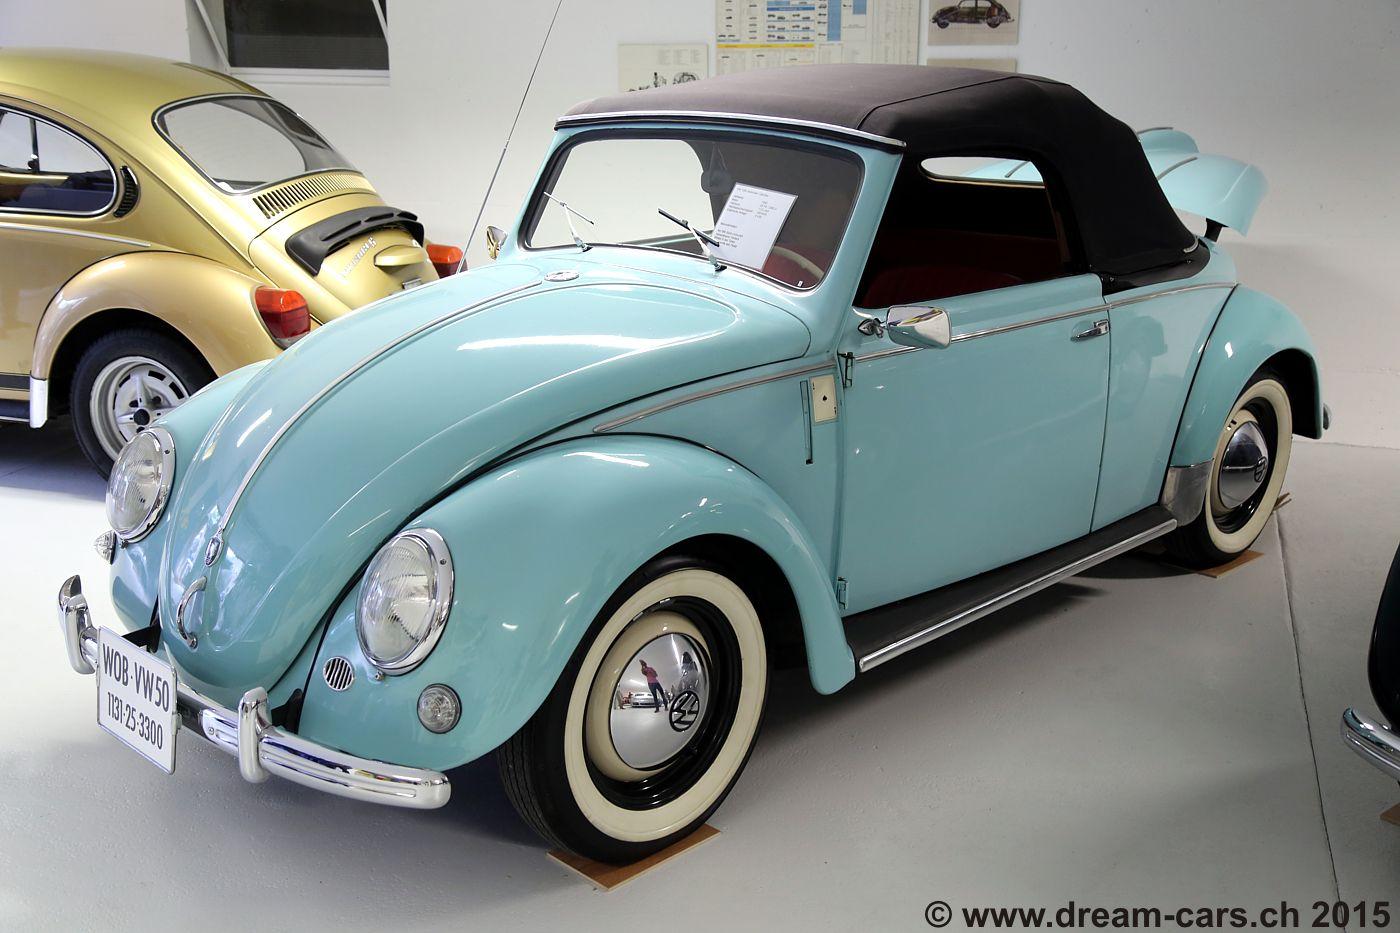 vw k fer museum aarburg dream cars ch das lteste. Black Bedroom Furniture Sets. Home Design Ideas